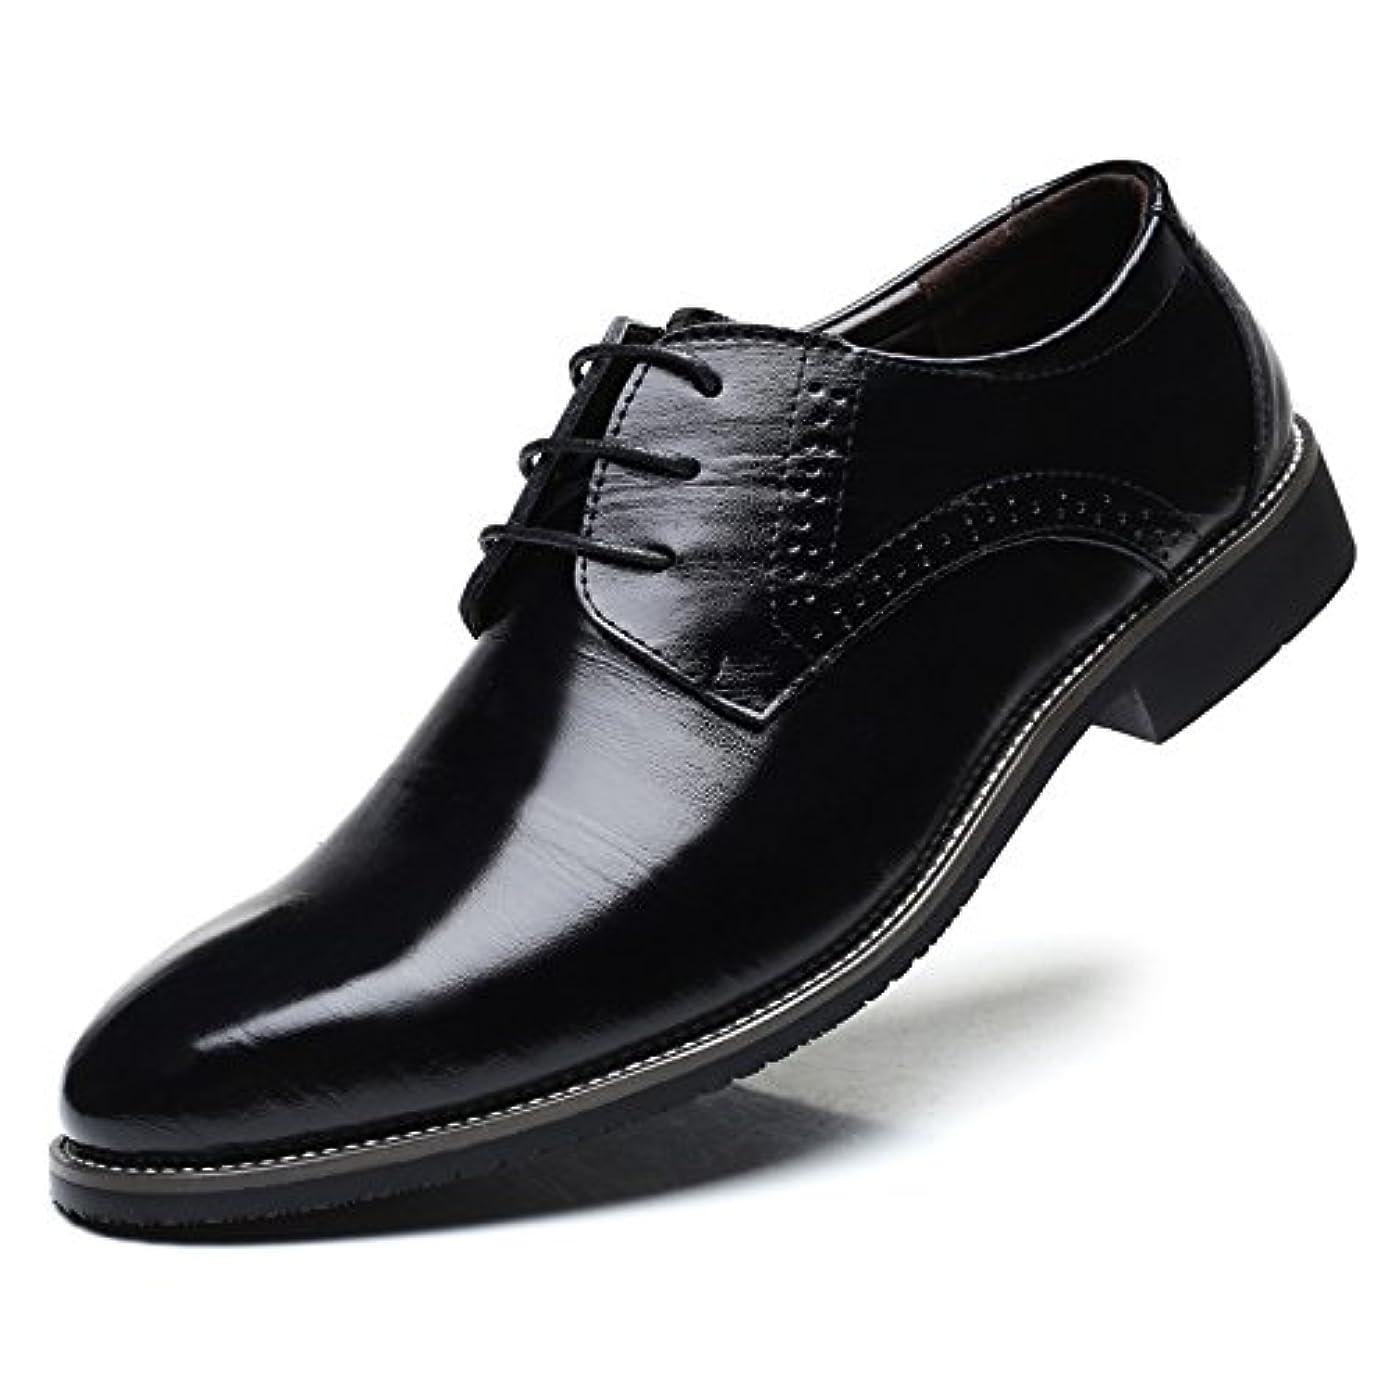 階のために深くONE MAX ビジネスシューズ メンズ レザー ドレスシューズ おしゃれ ブローグ ウォーキング 紳士靴 フォーマル 通勤 大きいサイズ